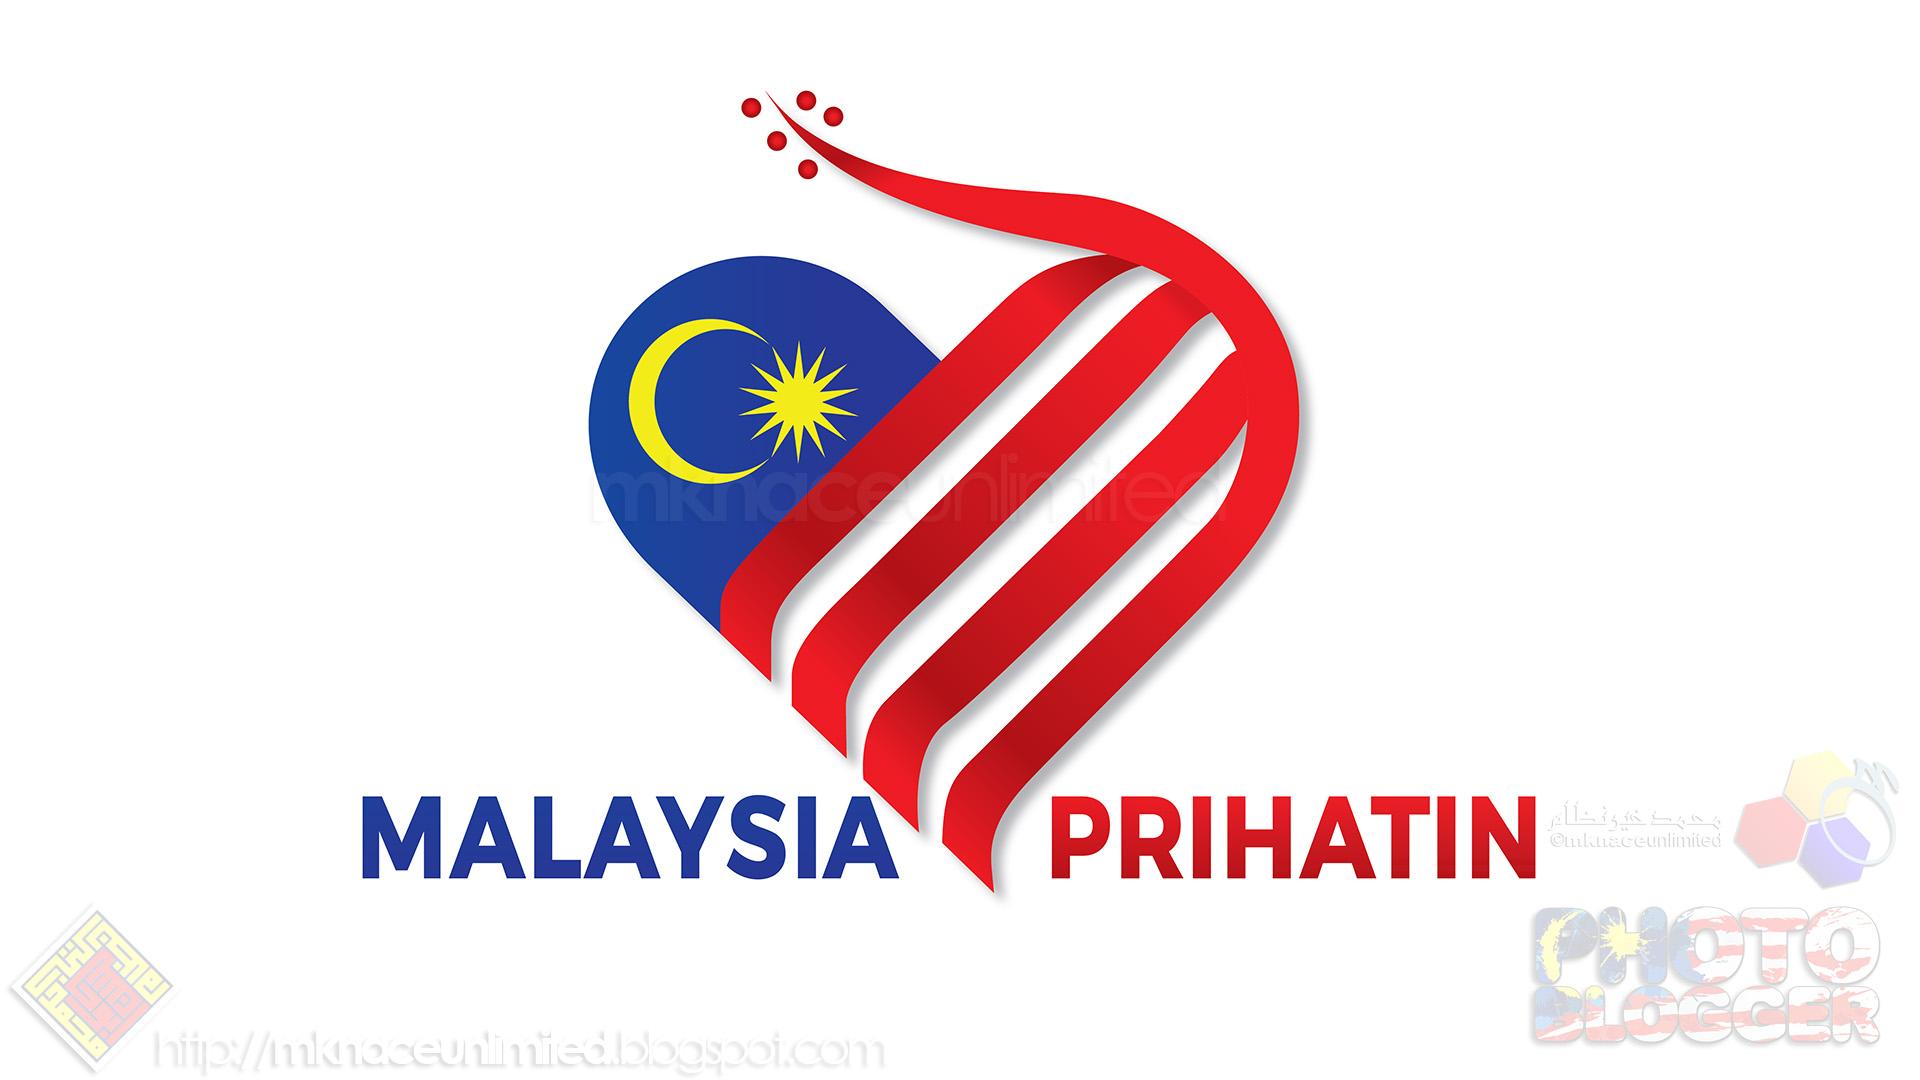 Contoh Gambar Poster Malaysia Prihatin